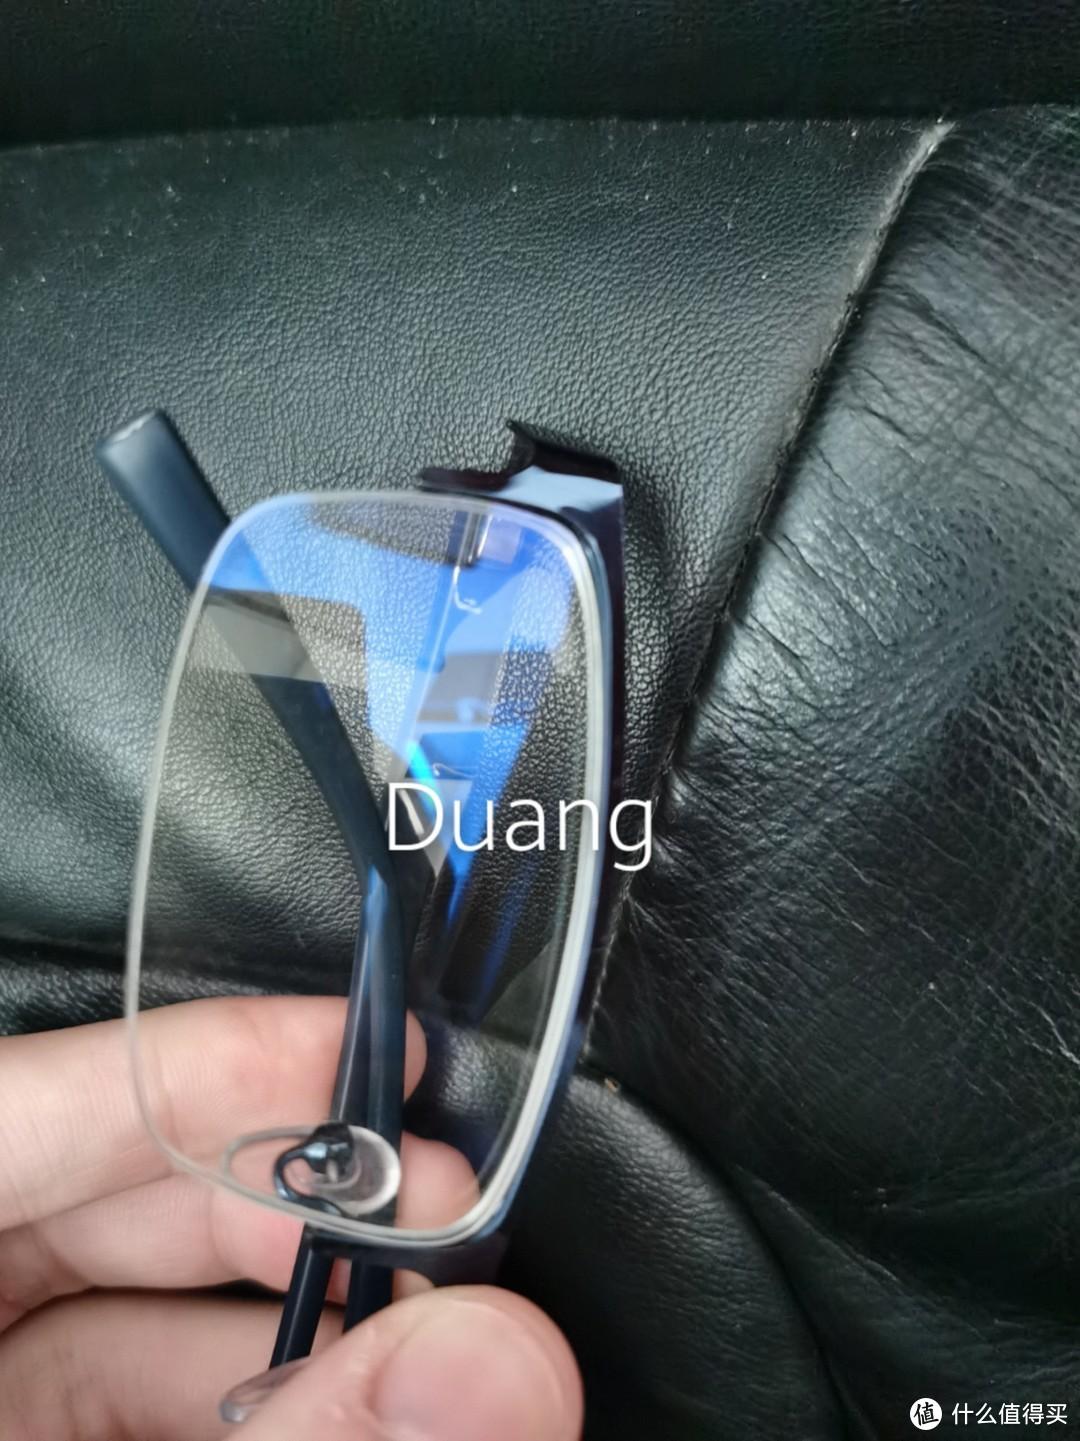 眼镜真伪-假货眼镜甄别误区和一点经验